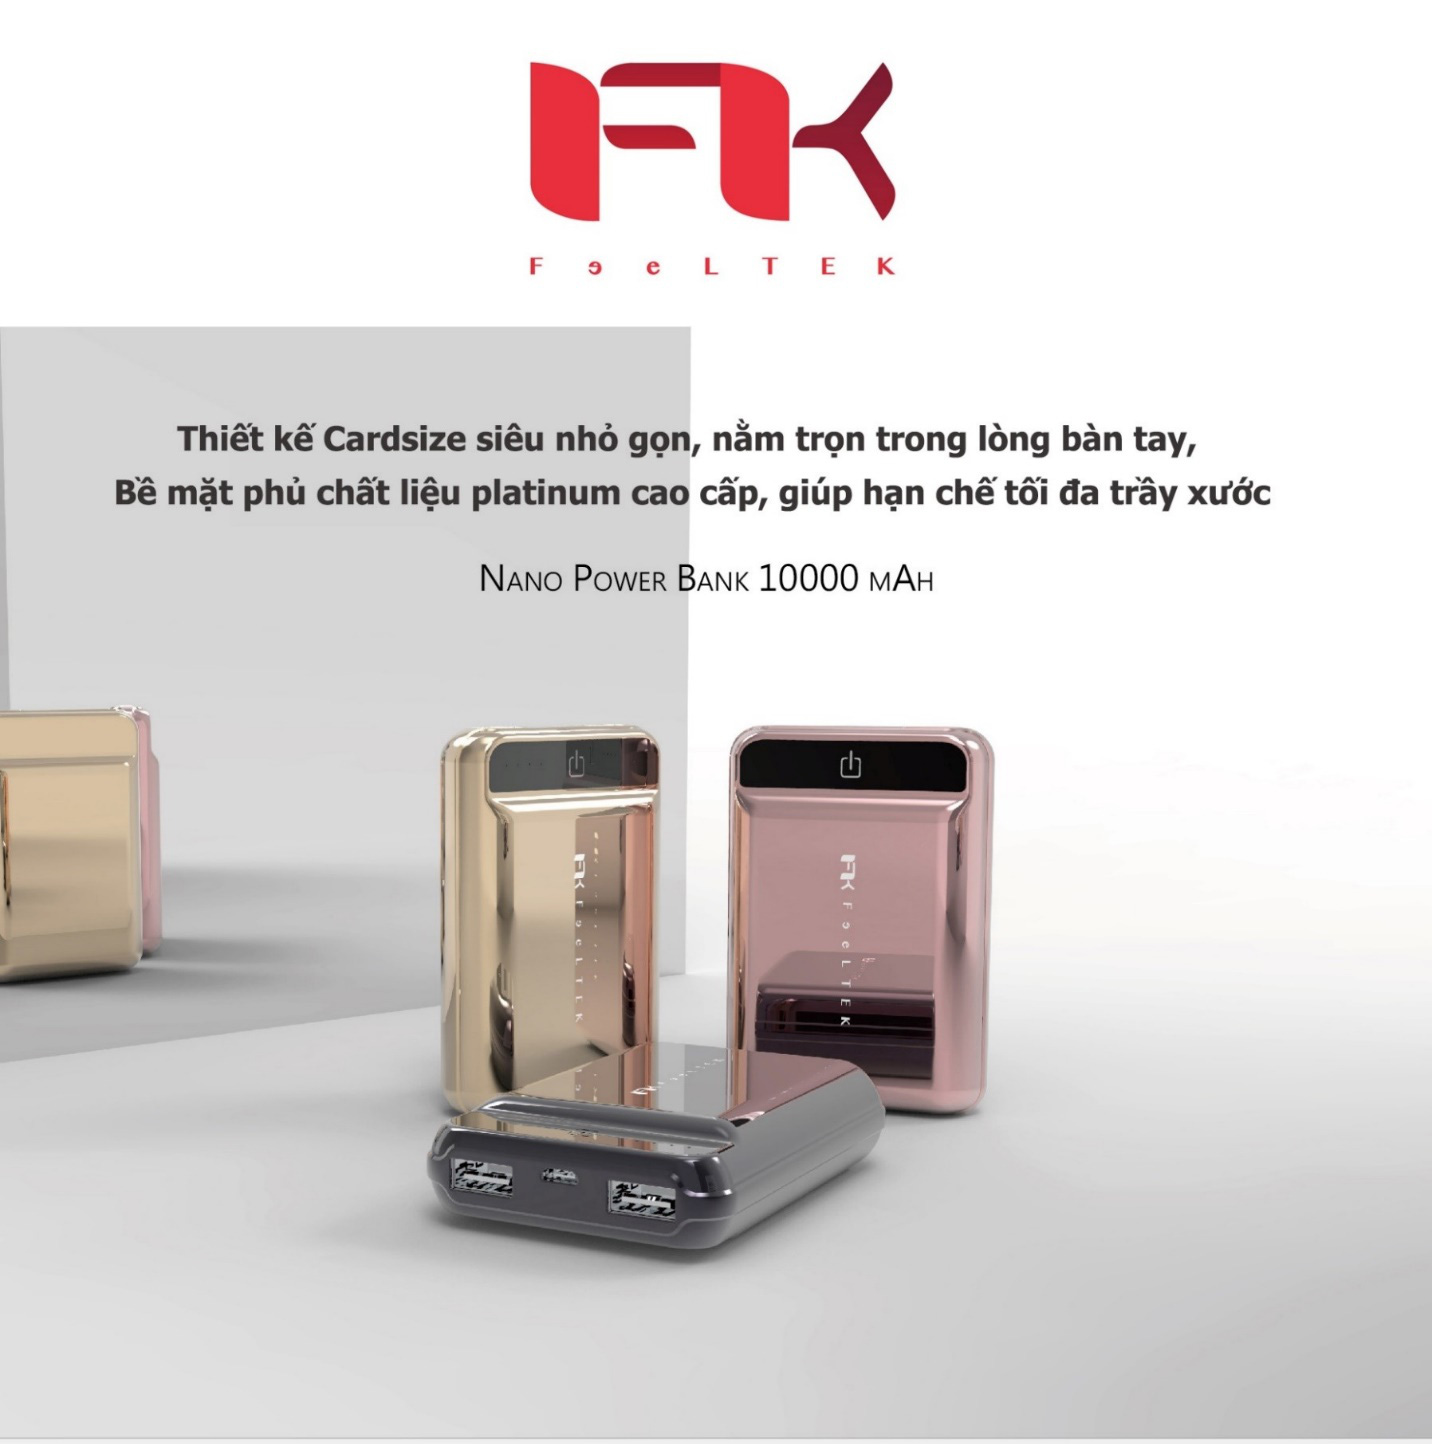 Nano Power Bank Feeltek – Trải nghiệm công nghệ với thiết kế hoàn hảo - Ảnh 1.